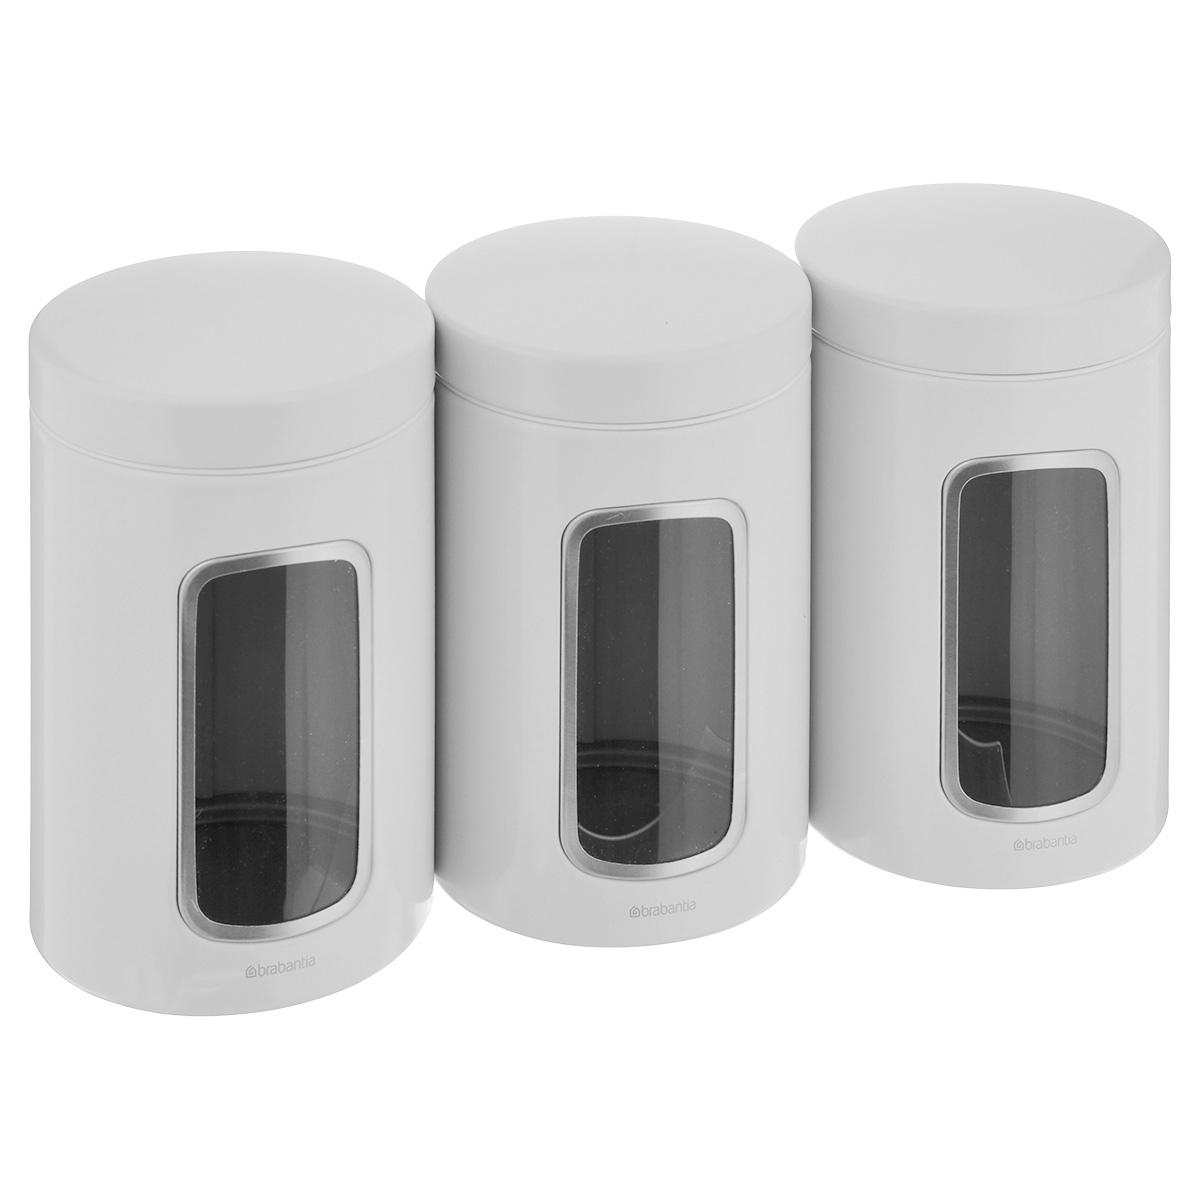 Набор контейнеров для сыпучих продуктов Brabantia, цвет: белый, 1,4 л, 3 шт. 151224FD 992Набор Brabantia состоит из трех контейнеров, выполненных из антикоррозийной стали с цветным защитным покрытием. Контейнеры предназначены для хранения кофе, чая, сахара, круп и других сыпучих продуктов. Изделия оснащены удобными плотно закрывающимися крышками, которые не пропускают запахи и позволяют дольше сохранять аромат продуктов. Контейнеры имеют прозрачные окошки. Благодаря антистатической поверхности содержимое контейнера не прилипает к пластиковому окошку, поэтому вы всегда можете видеть, что и в каком количестве содержится в банке. Стильный набор современного дизайна не только послужит функционально, но и красиво оформит интерьер вашей кухни.Размер банки (с учетом крышки): 11 см х 11 см х 17 см.